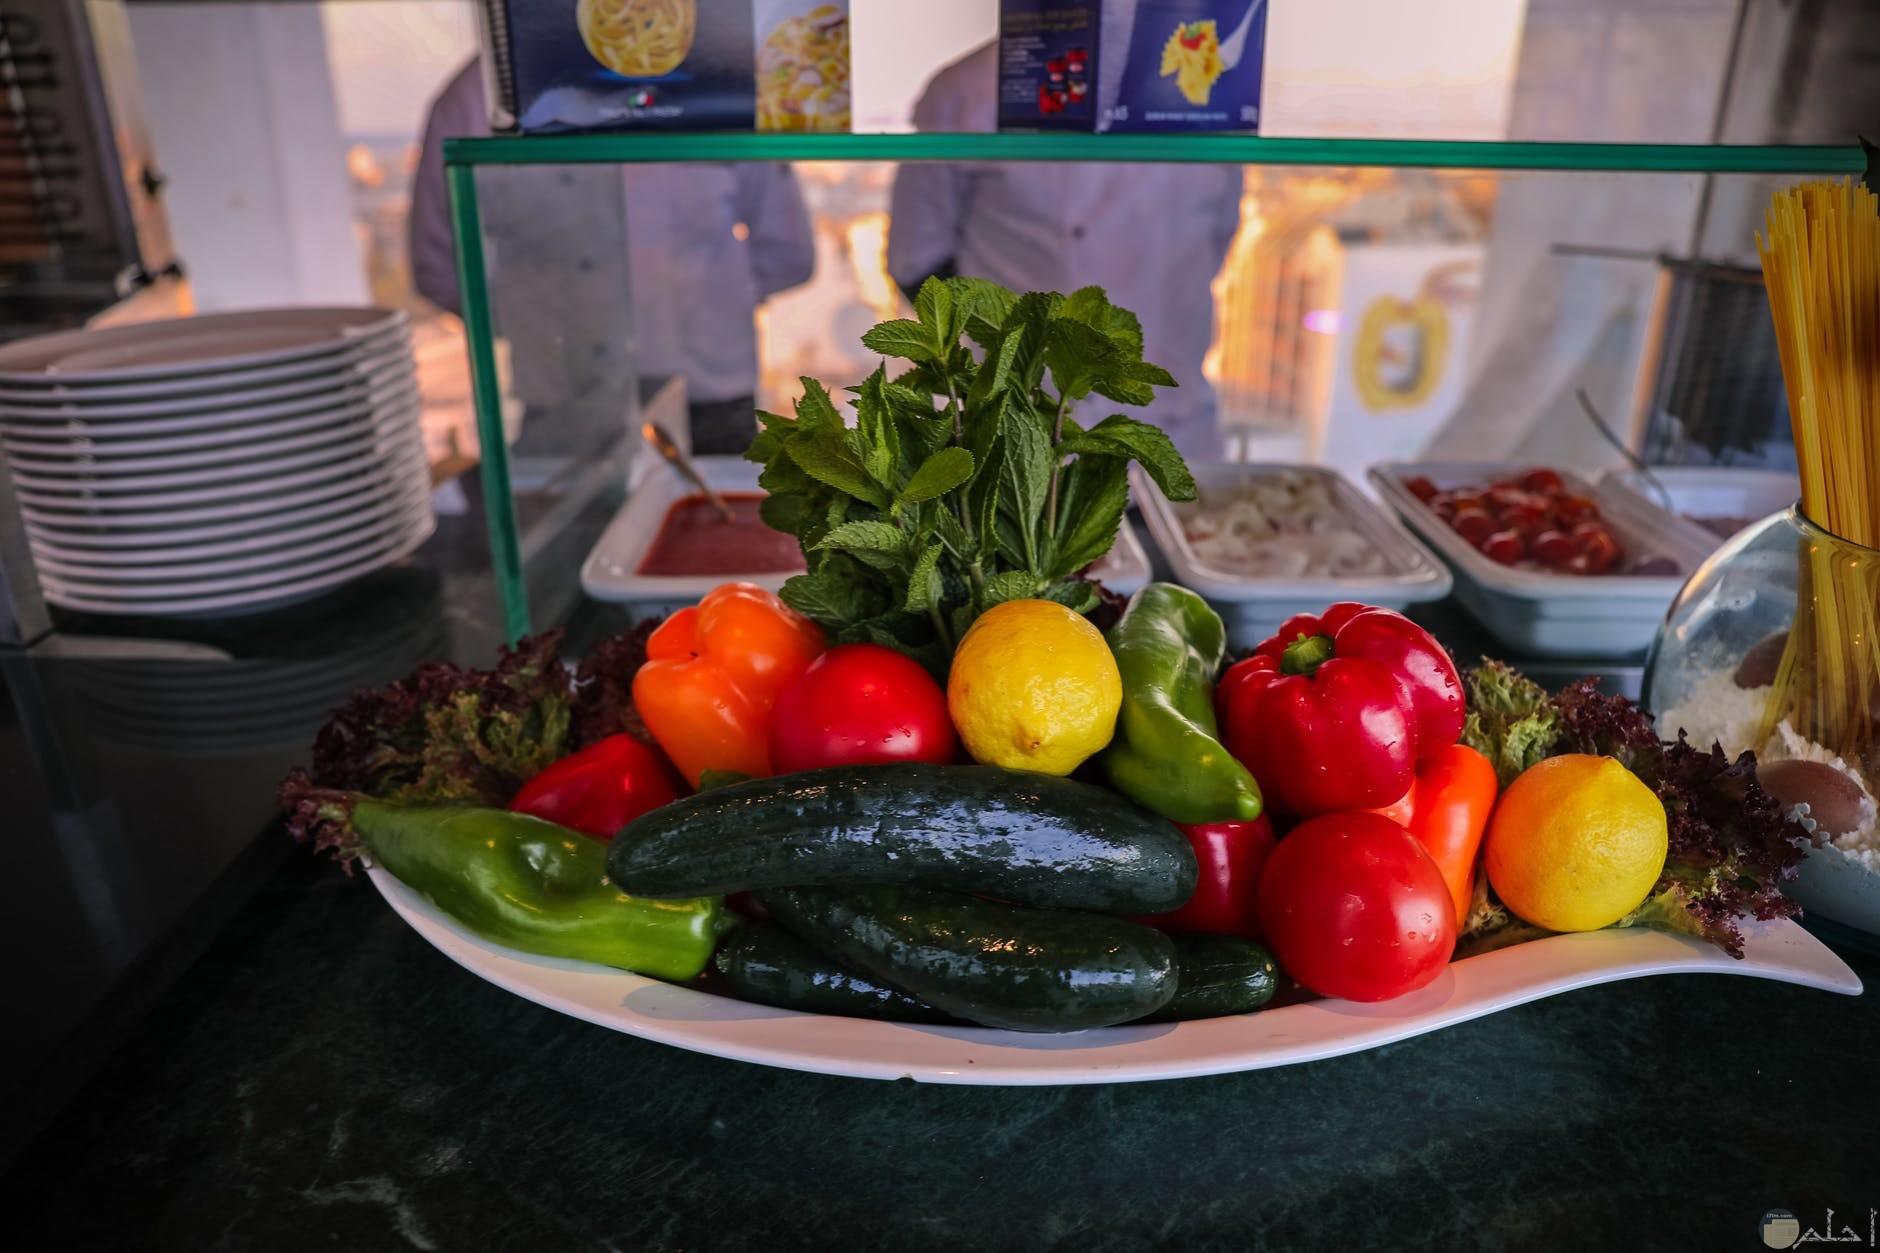 لابد من تواجد الخيار مع طبق الخضروات